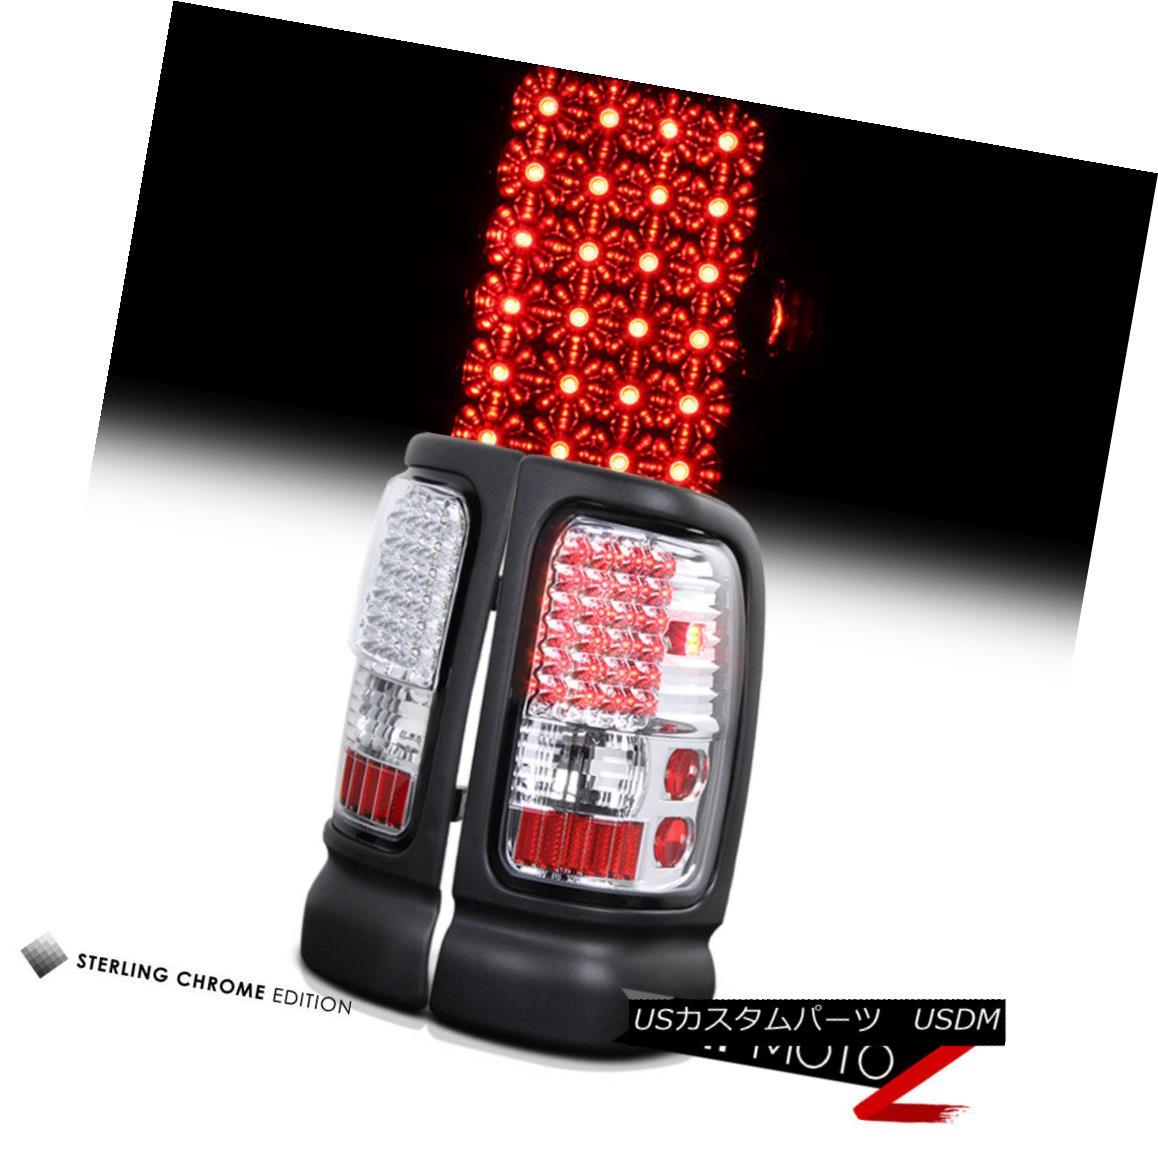 テールライト L+R 1500 Chrome L+R LED Tail Light Brake Signal Lamp Brake Assembly 94-01 Dodge RAM Pickup 1500 L + RクロームLEDテールライトブレーキ信号ランプアセンブリ94-01ダッジRAMピックアップ1500, ナカシベツチョウ:a4427248 --- officewill.xsrv.jp